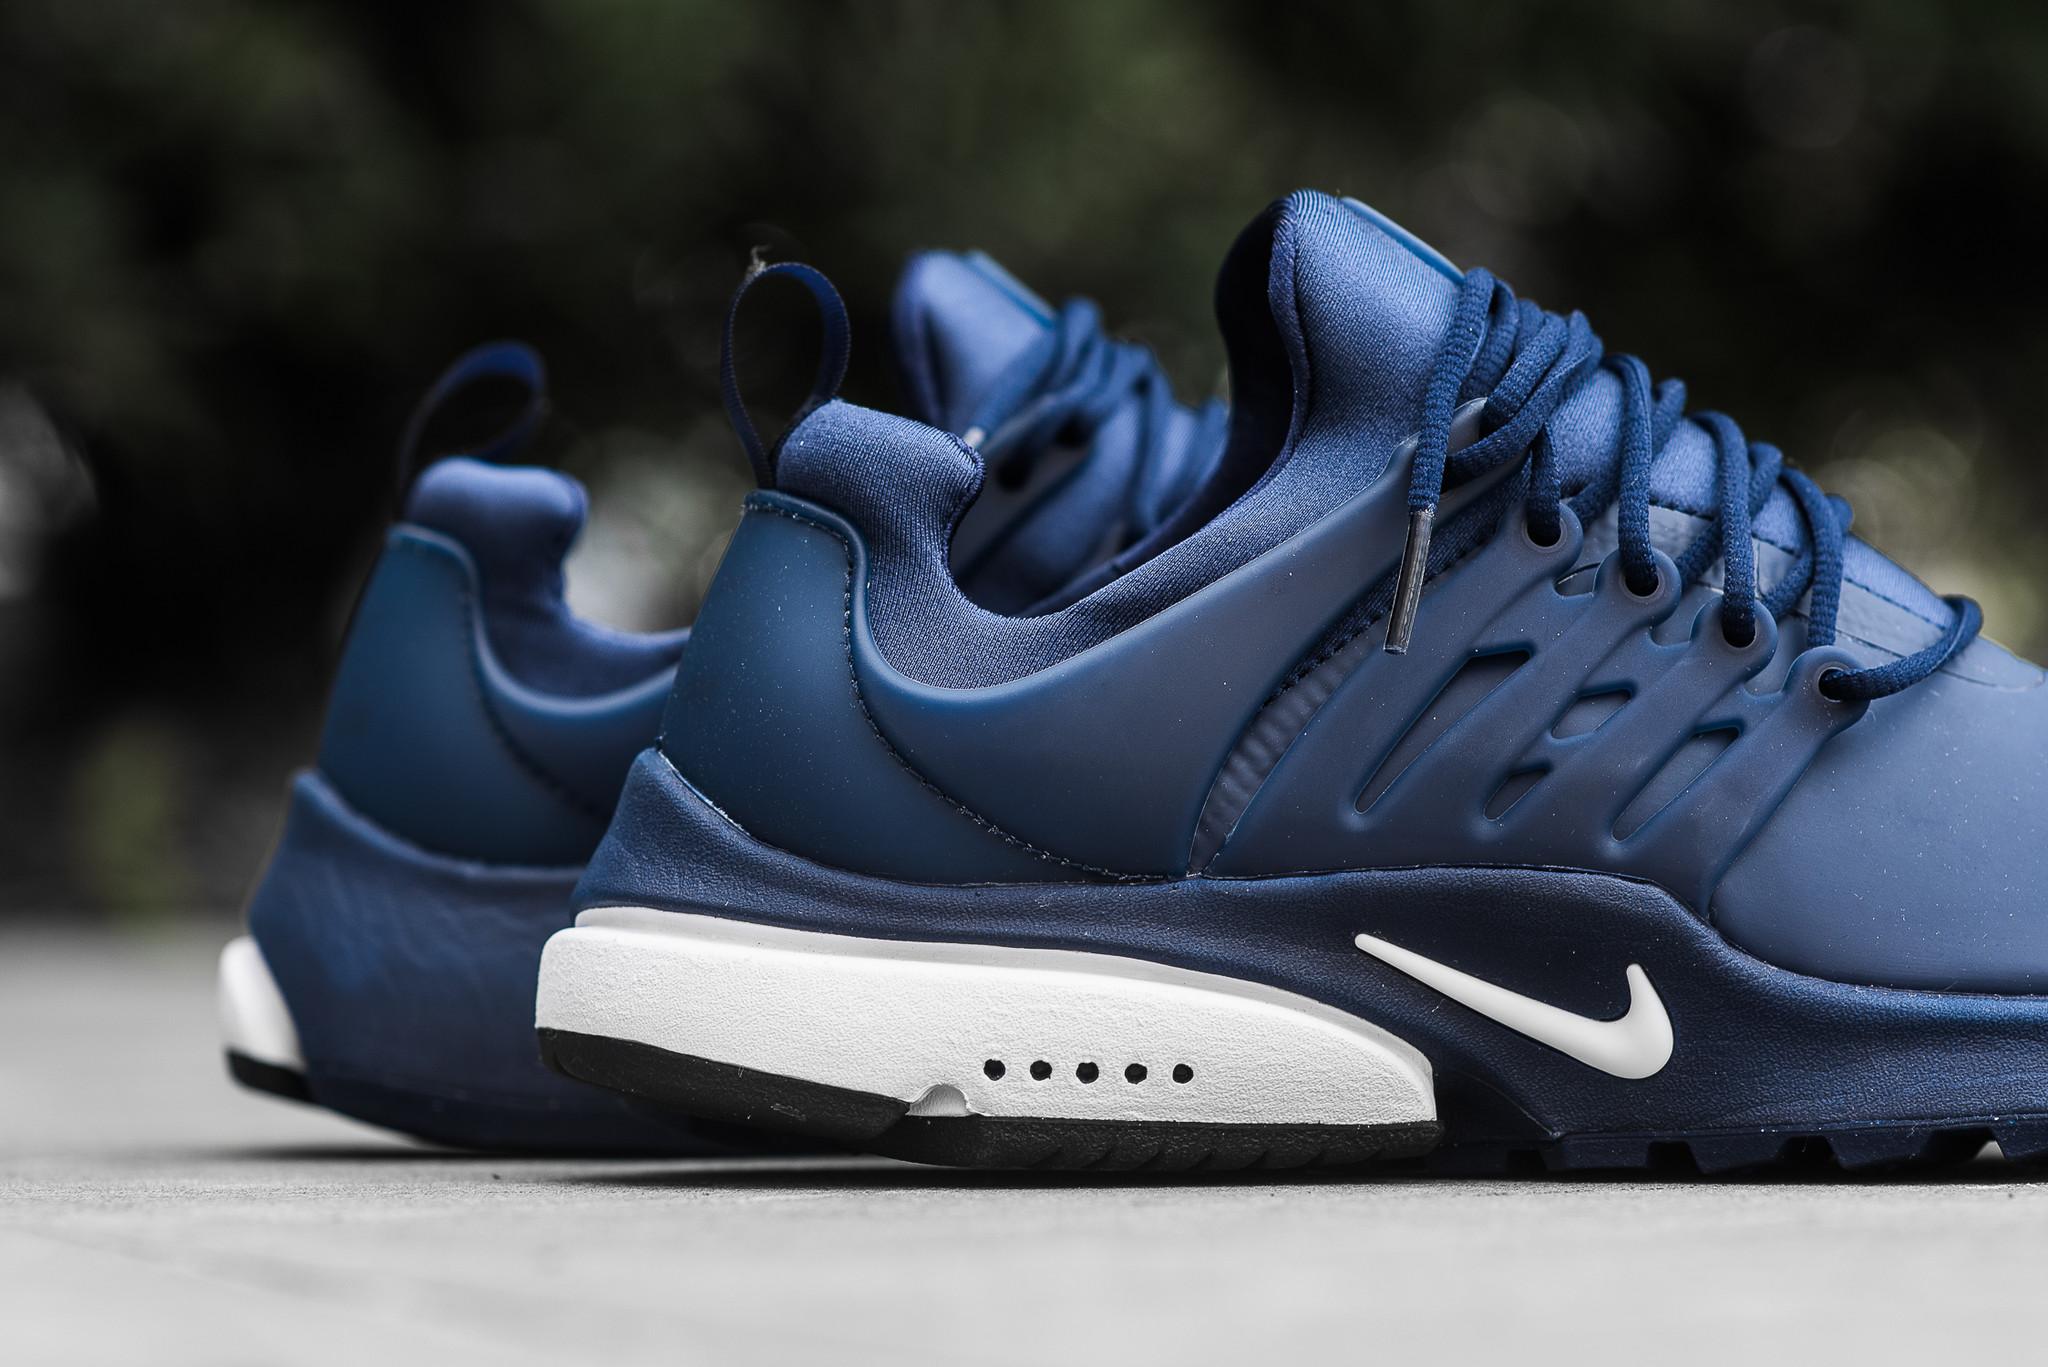 najlepiej sprzedający się największa zniżka jak kupić The Nike Air Presto Low Utility Is Covered In Binary Blue ...